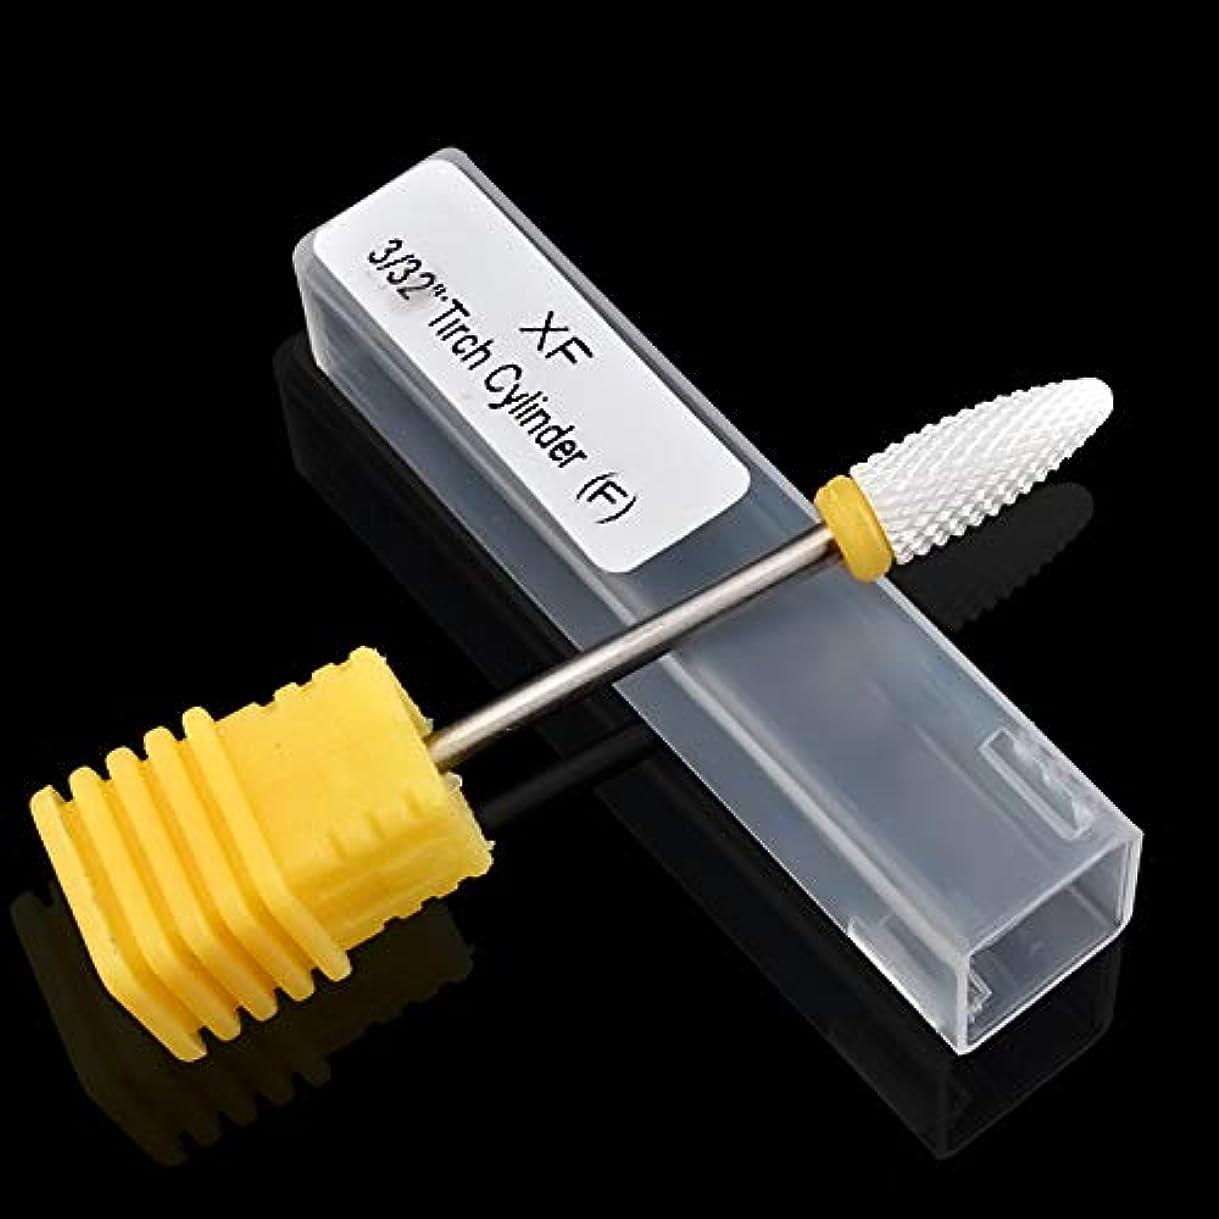 時間スケートチーズCELINEZL CELINEZLネイルセラミック円筒コーン型電力研削ヘッド、サイズ:49 * 6 mm(ブラック) (色 : 黄)